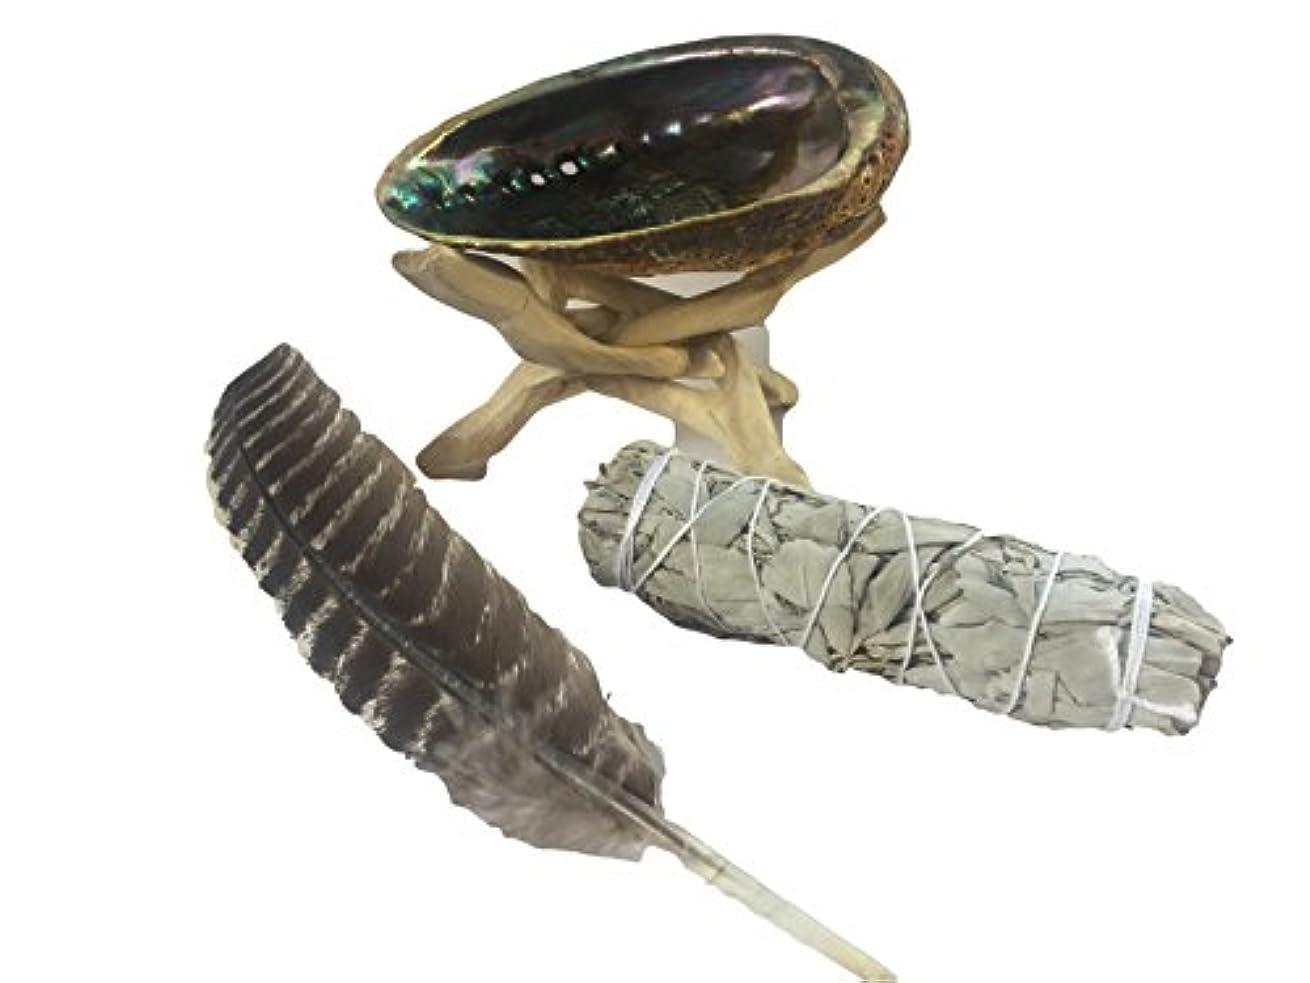 保証サドル死の顎Smudgingキットwith Abaloneシェル、木製三脚、ホワイトセージSmudge Stick &フェザー